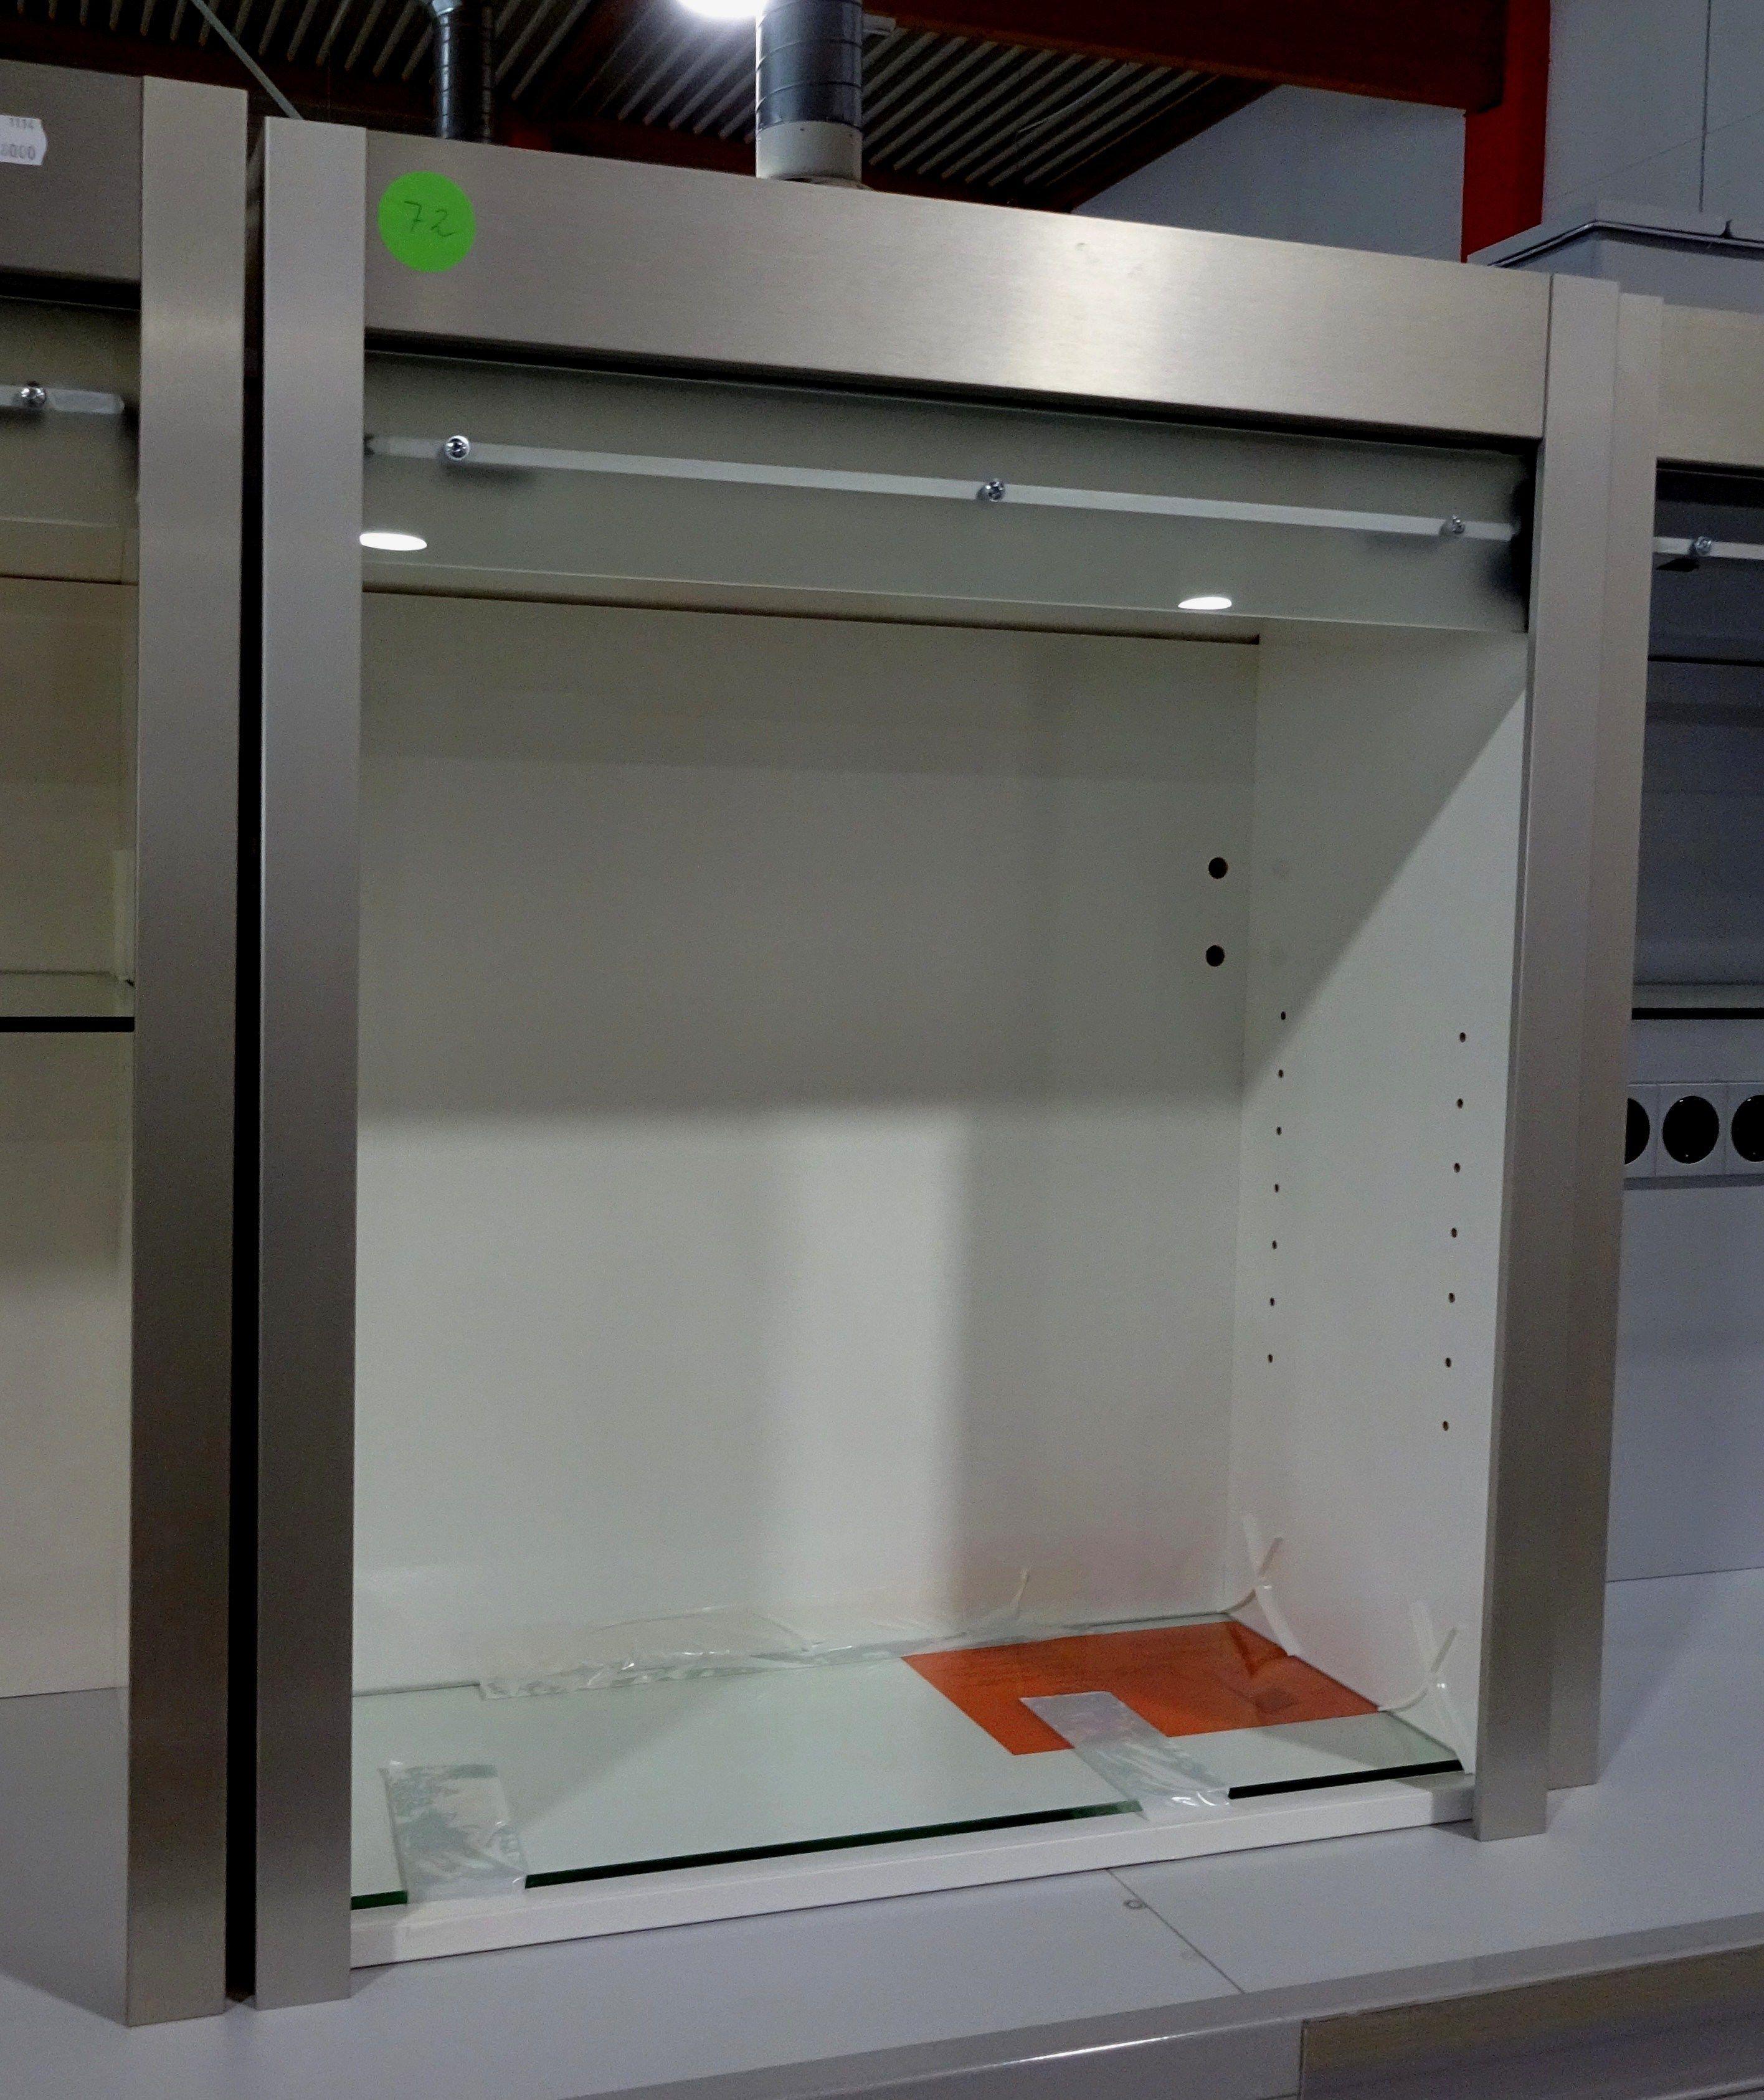 Jalousieschrank Küche Ikea Jalousieschrank Küche Ikea Best Schön